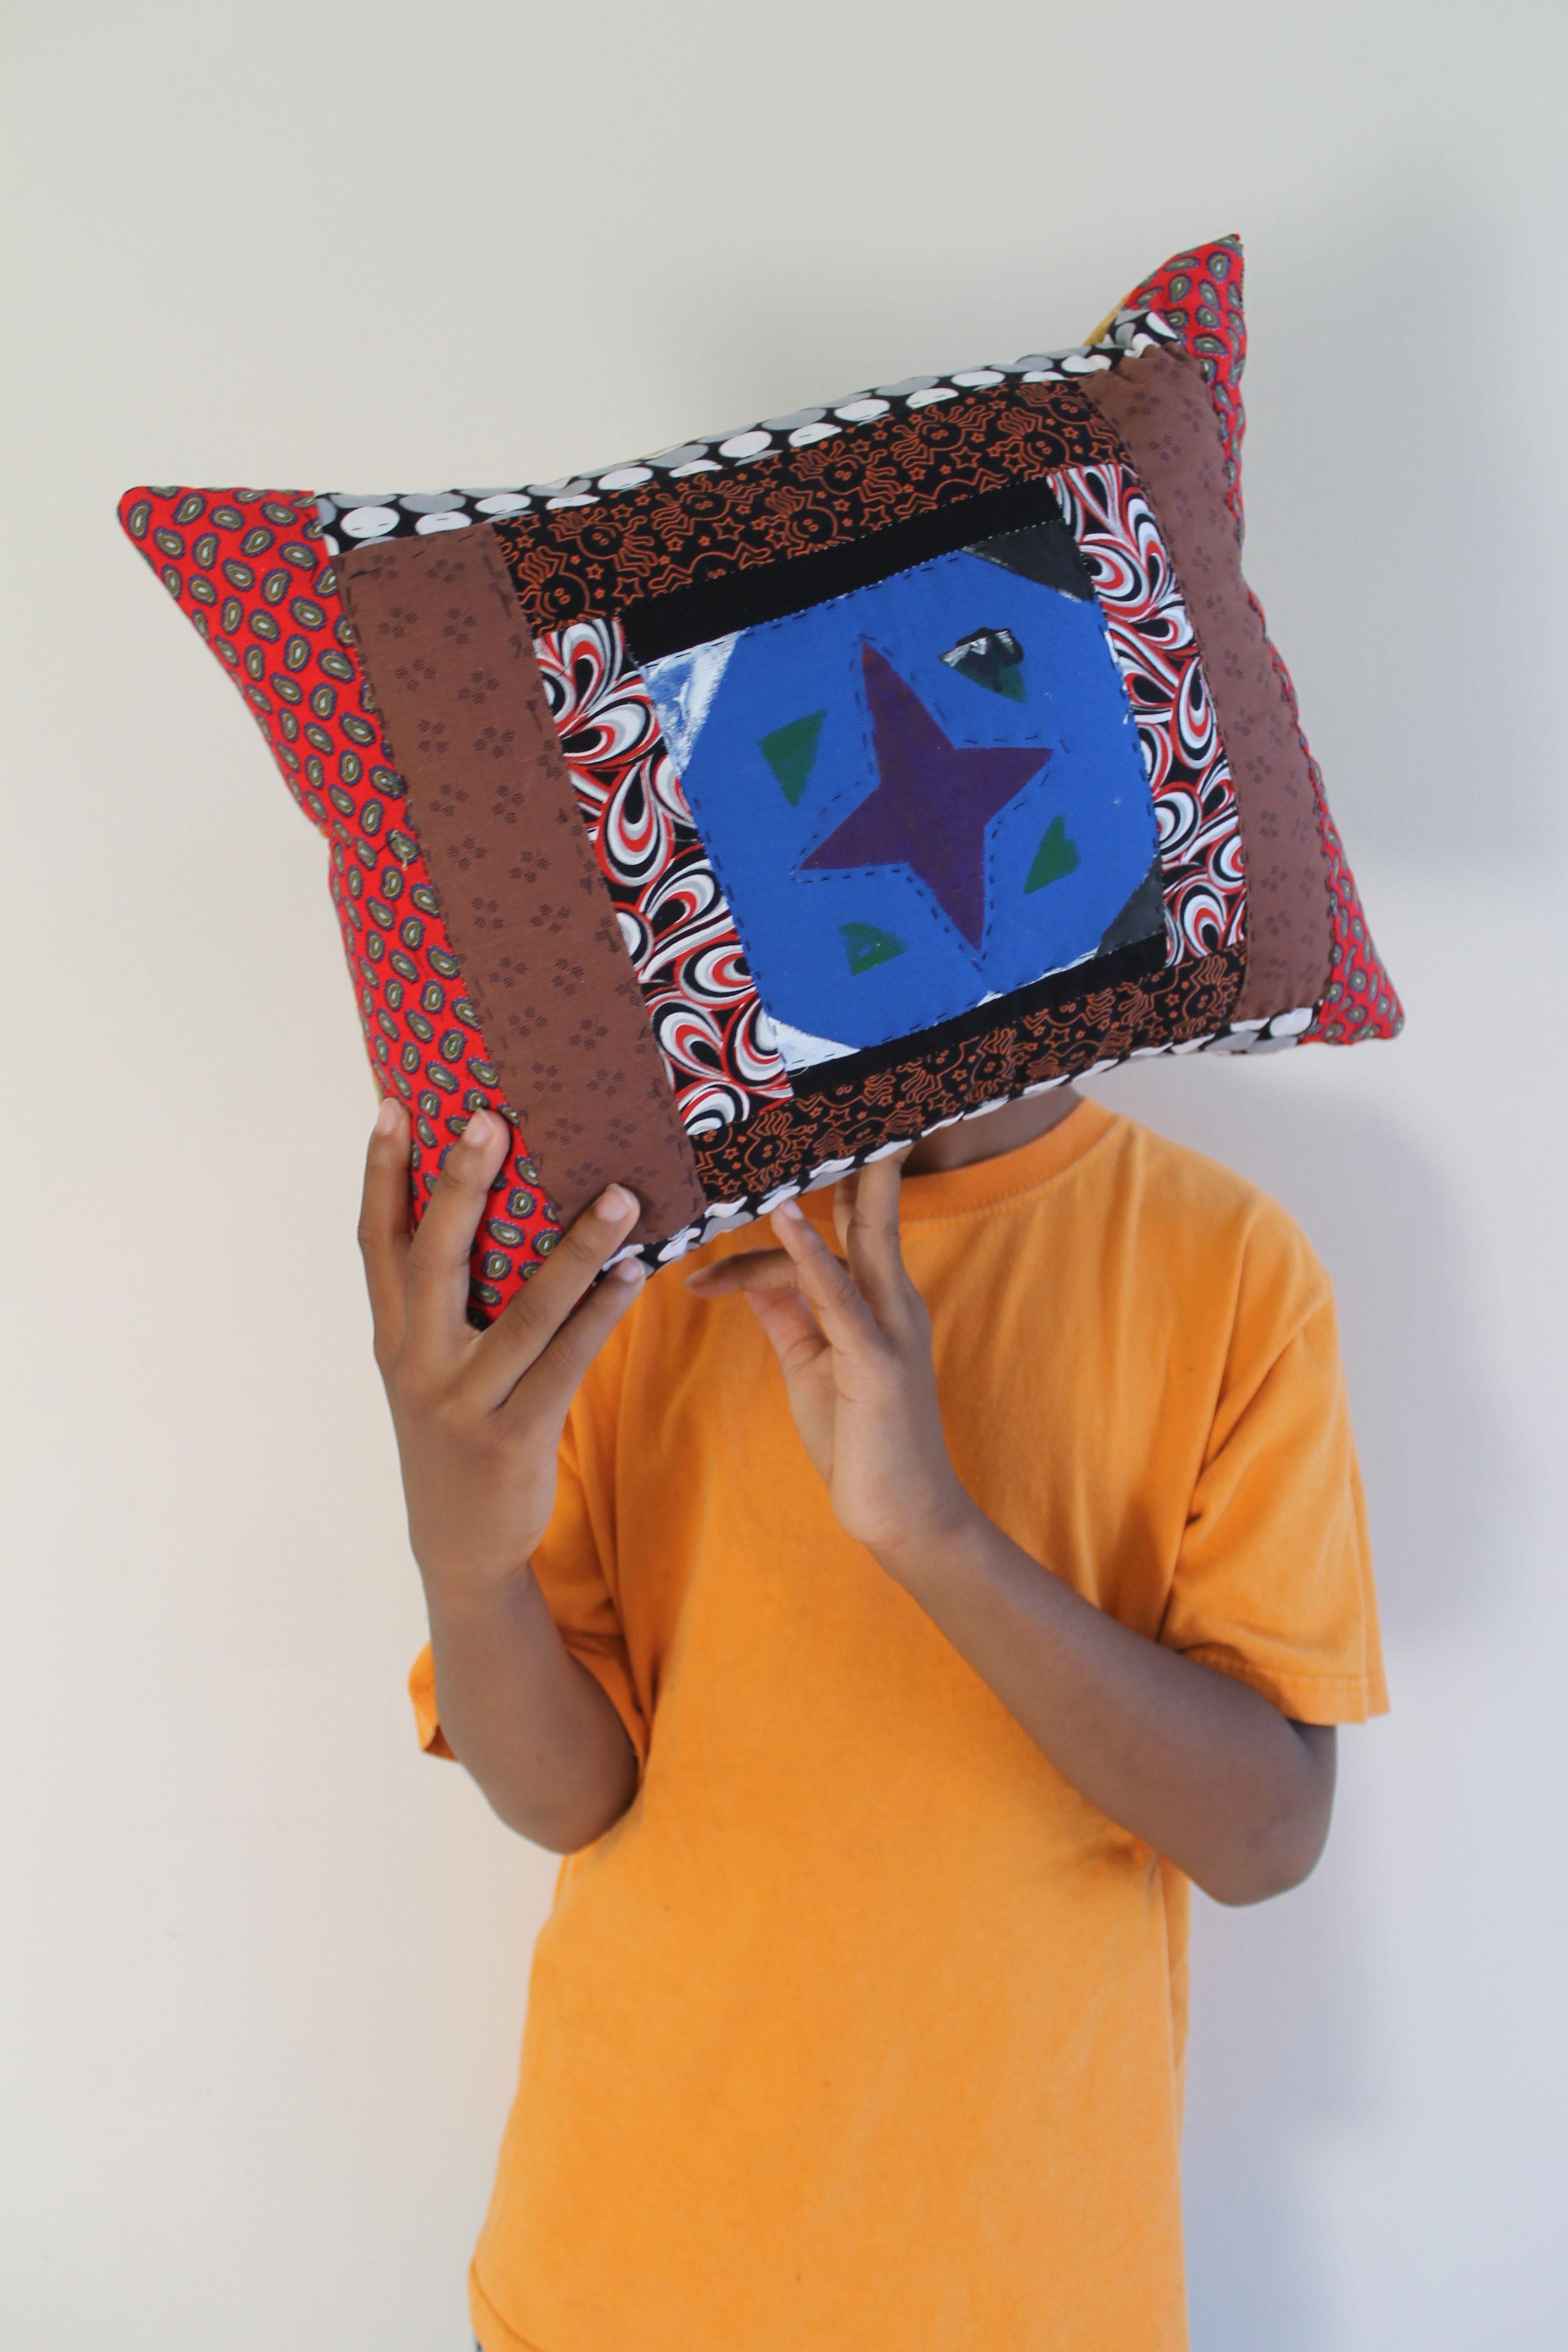 Jaydon's pillow